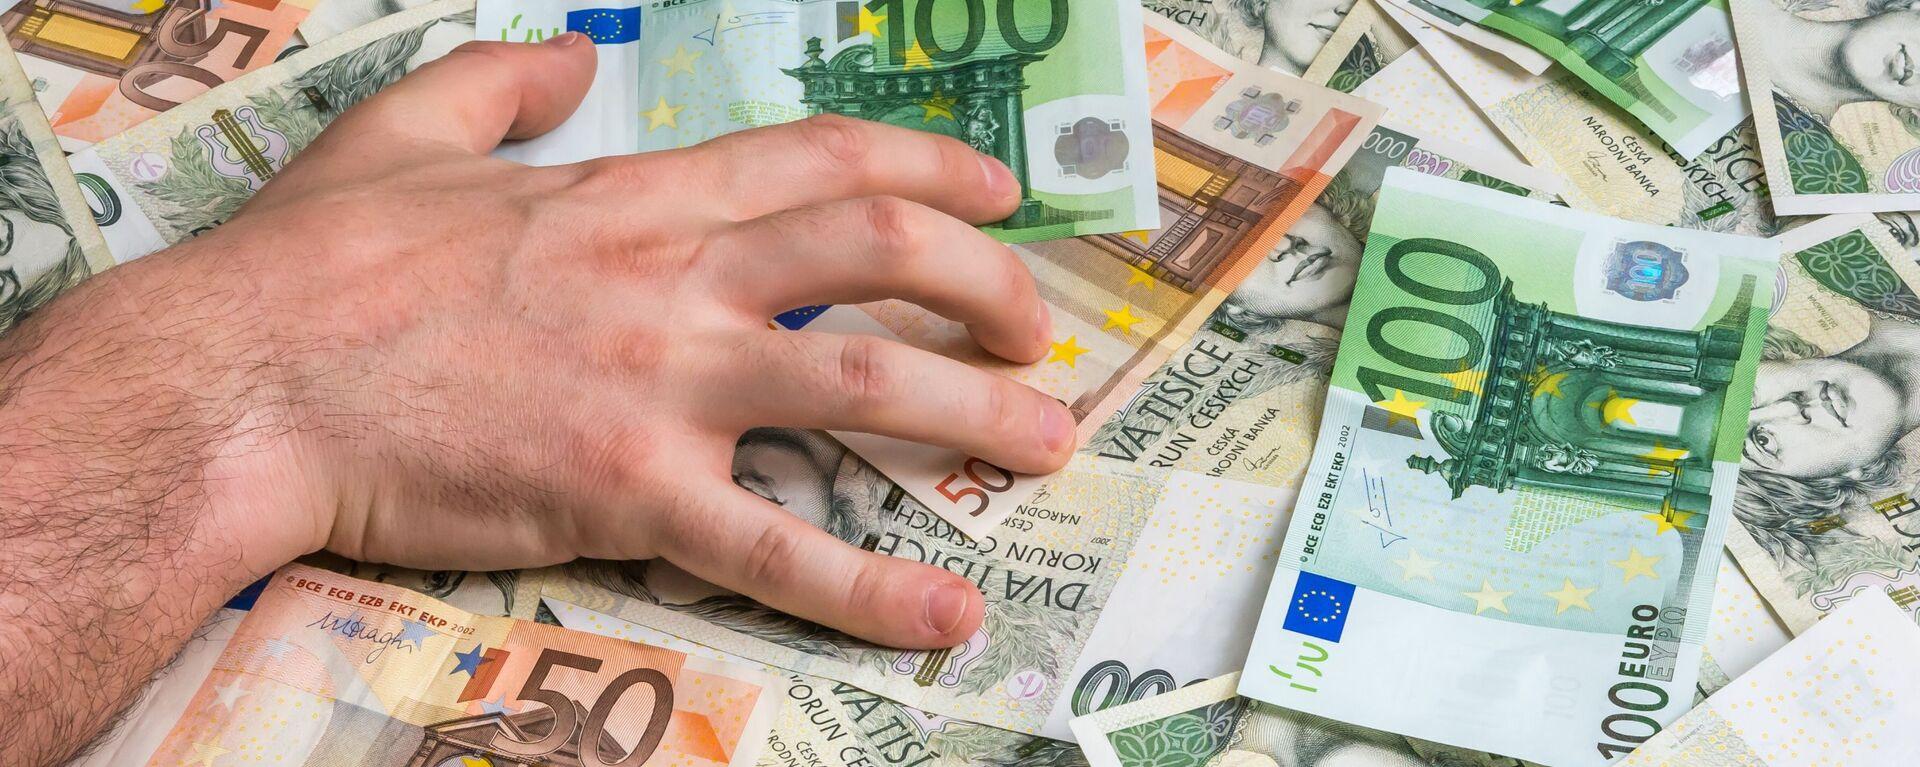 Ręka mężczyzny na banknotach euro i czeskich złotych - Sputnik Polska, 1920, 10.04.2021